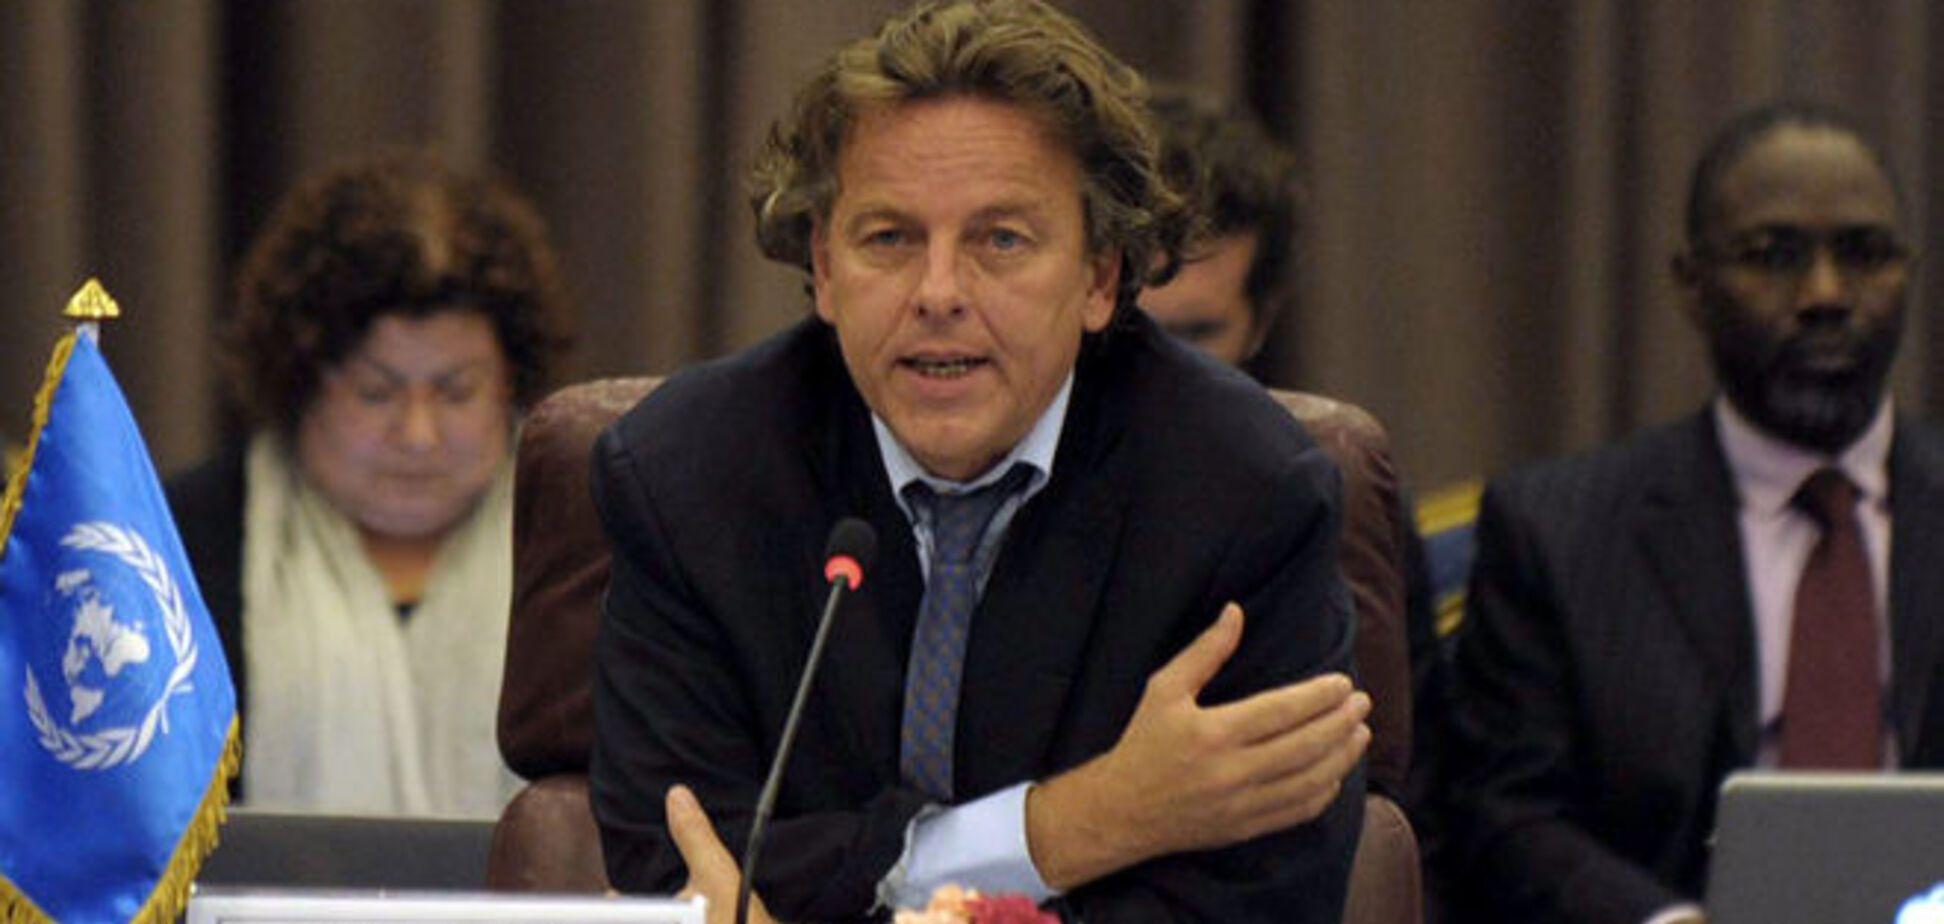 Гибель Boeing-777: глава МИД Нидерландов потребовал от Москвы ответа